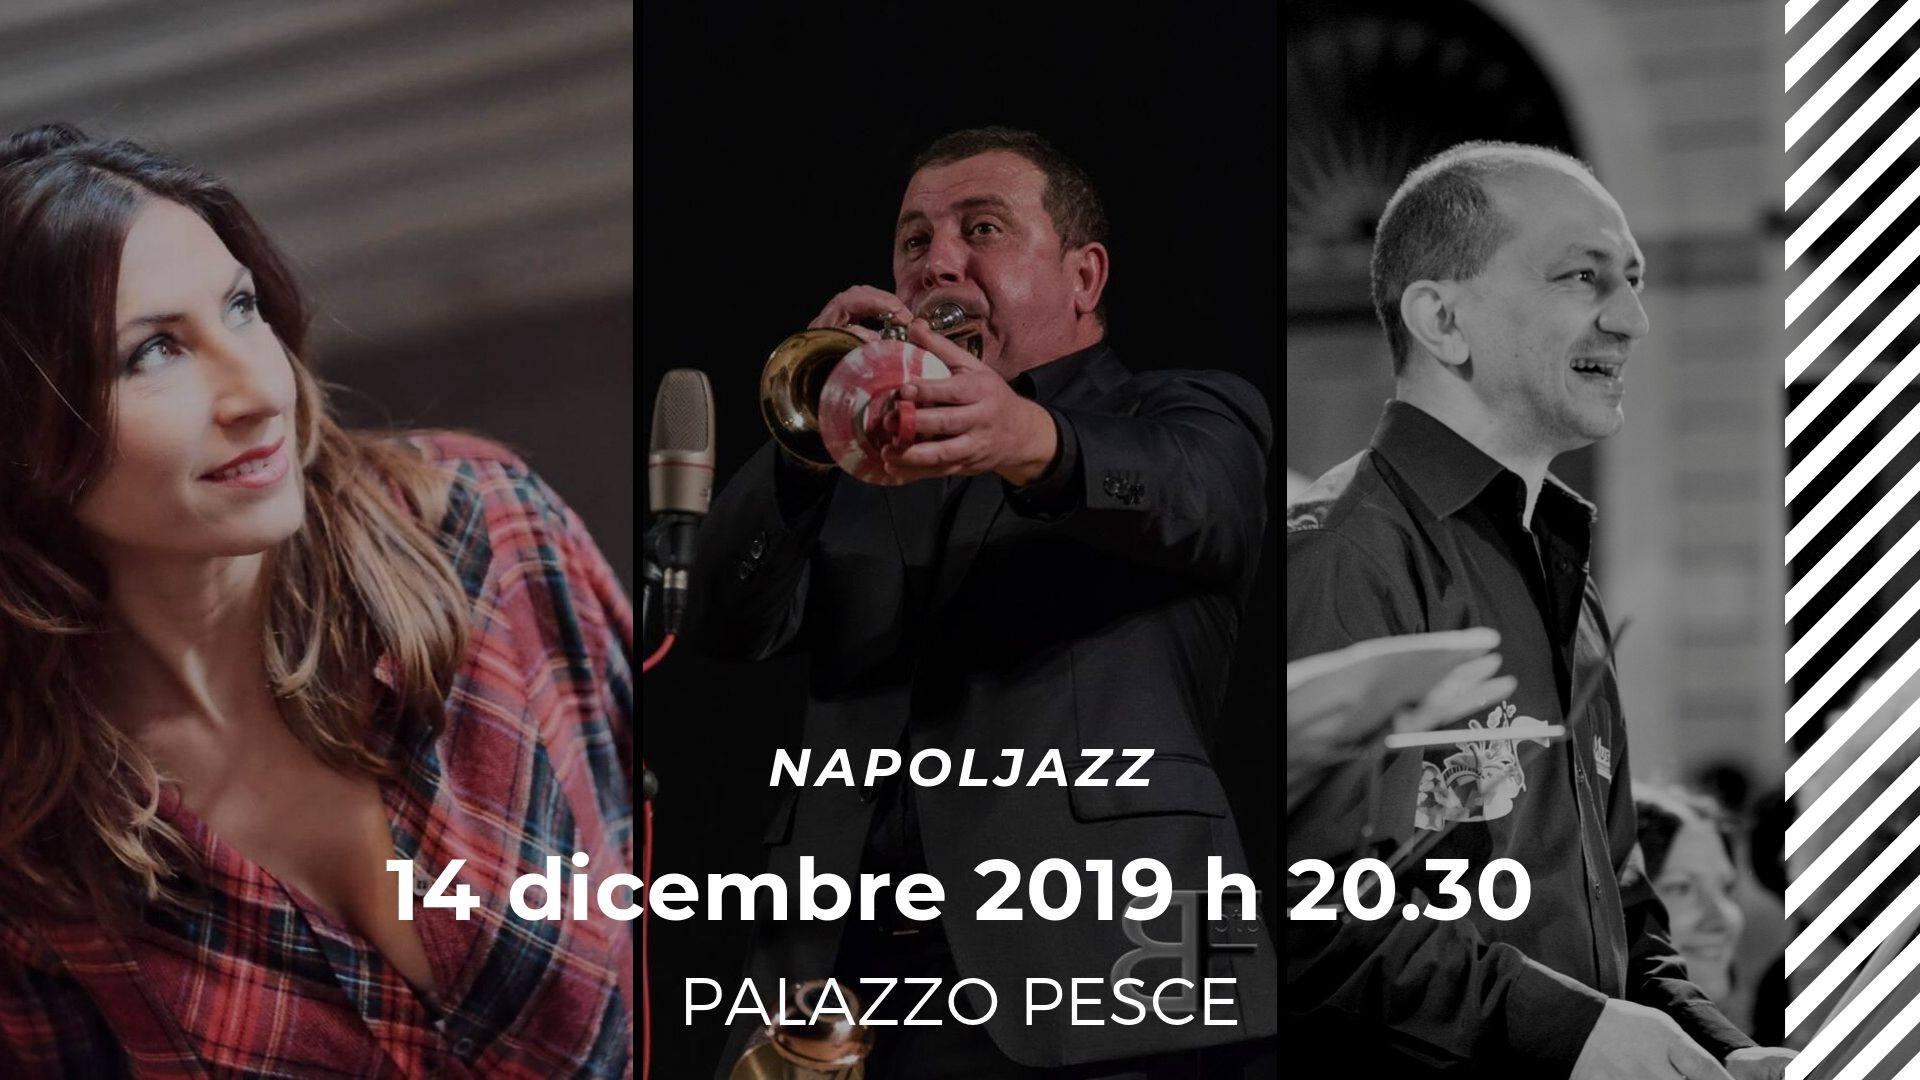 14 dicembre Napoljazz a Palazzo Pesce